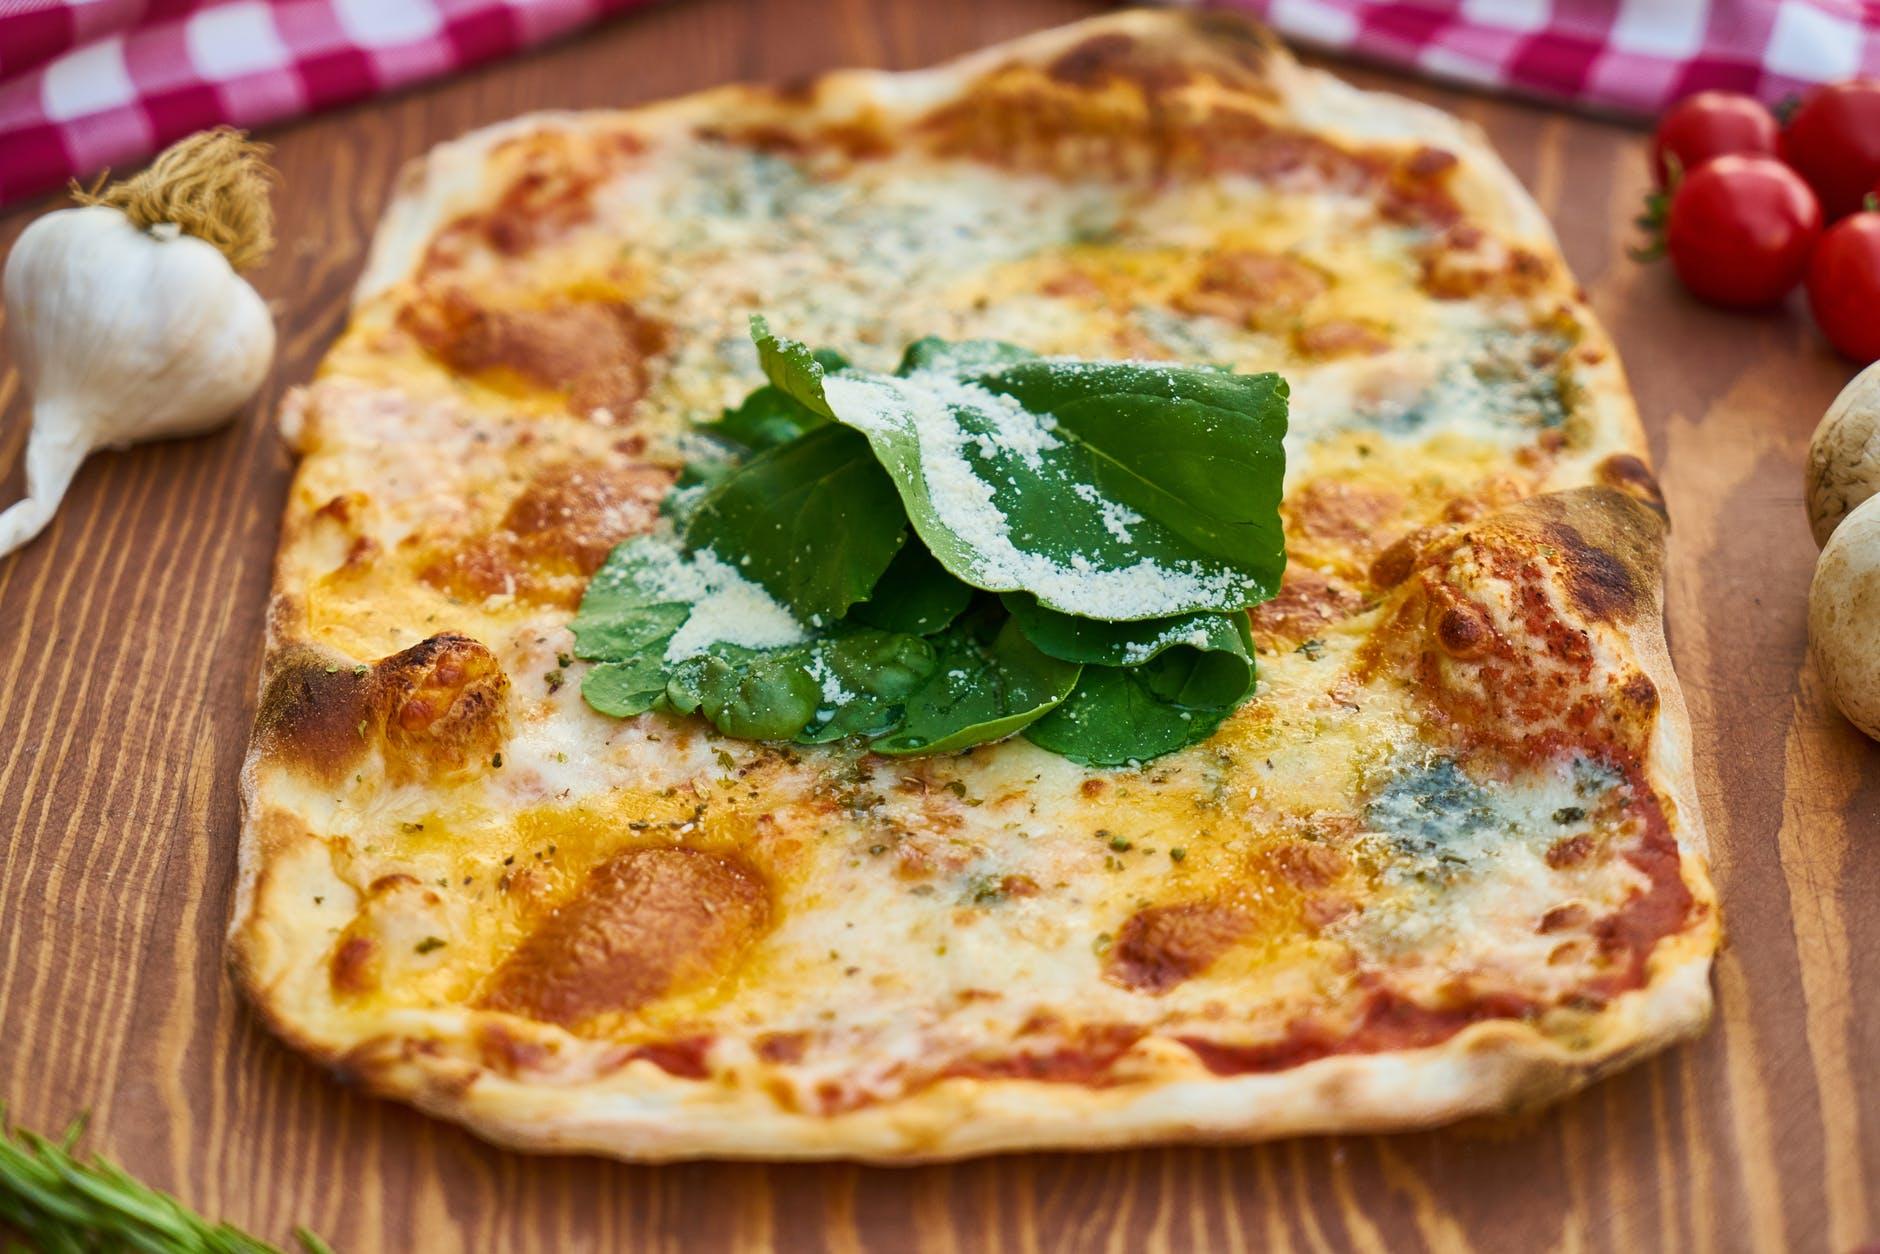 Delicatesă tradițională, direct din bucătăria italiană. Astăzi, focaccia genoveză gustoasă și savuroasă